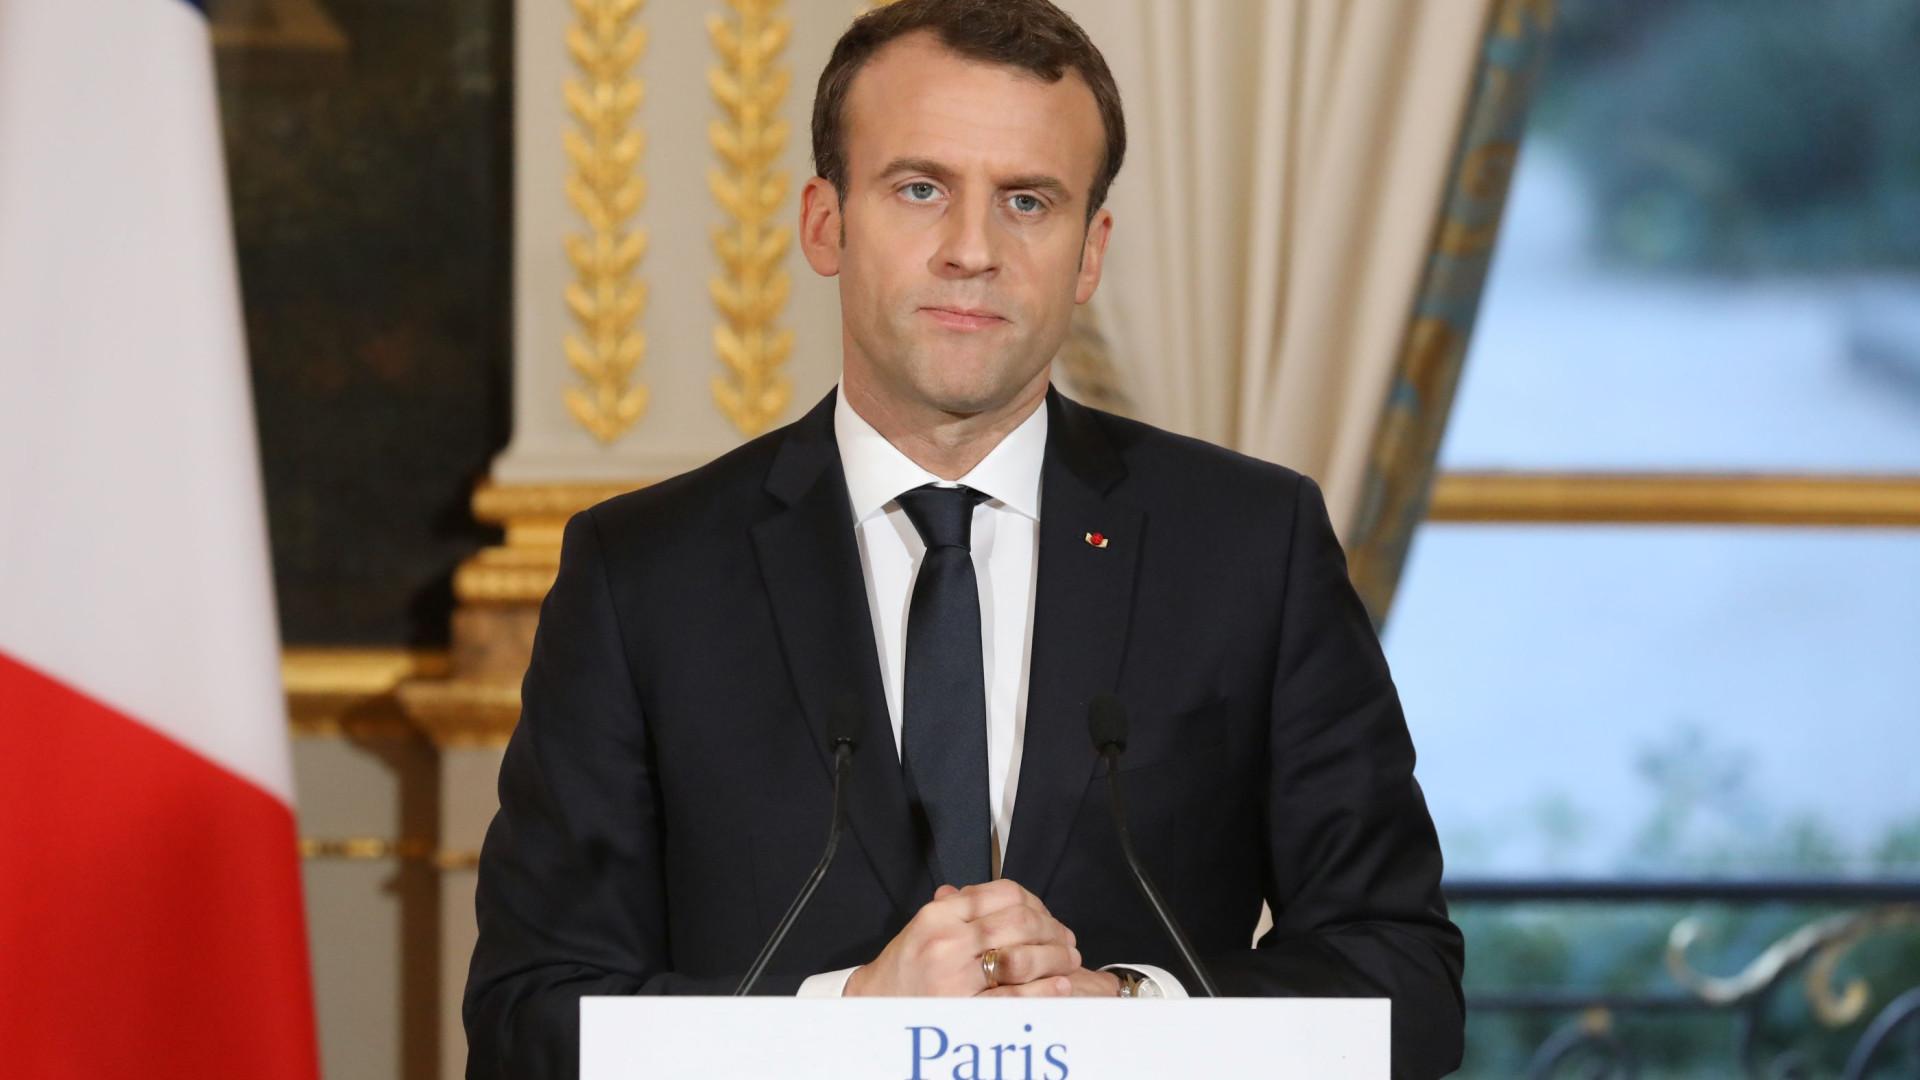 Macron cede e promete aumento de 100 euros no salário mínimo